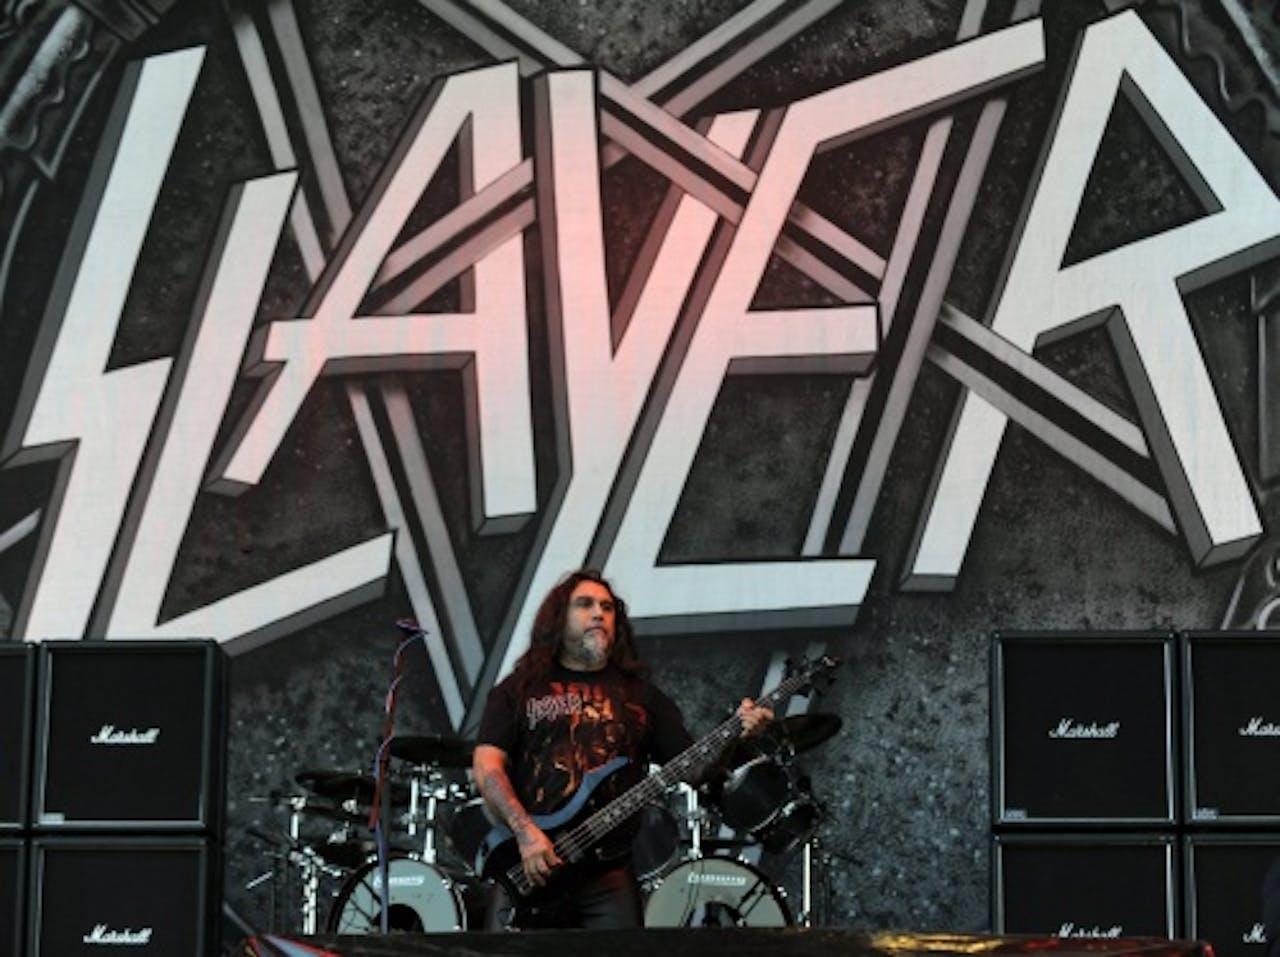 Archiefbeeld van Slayer-zanger en -bassist Tom Araya. EPA